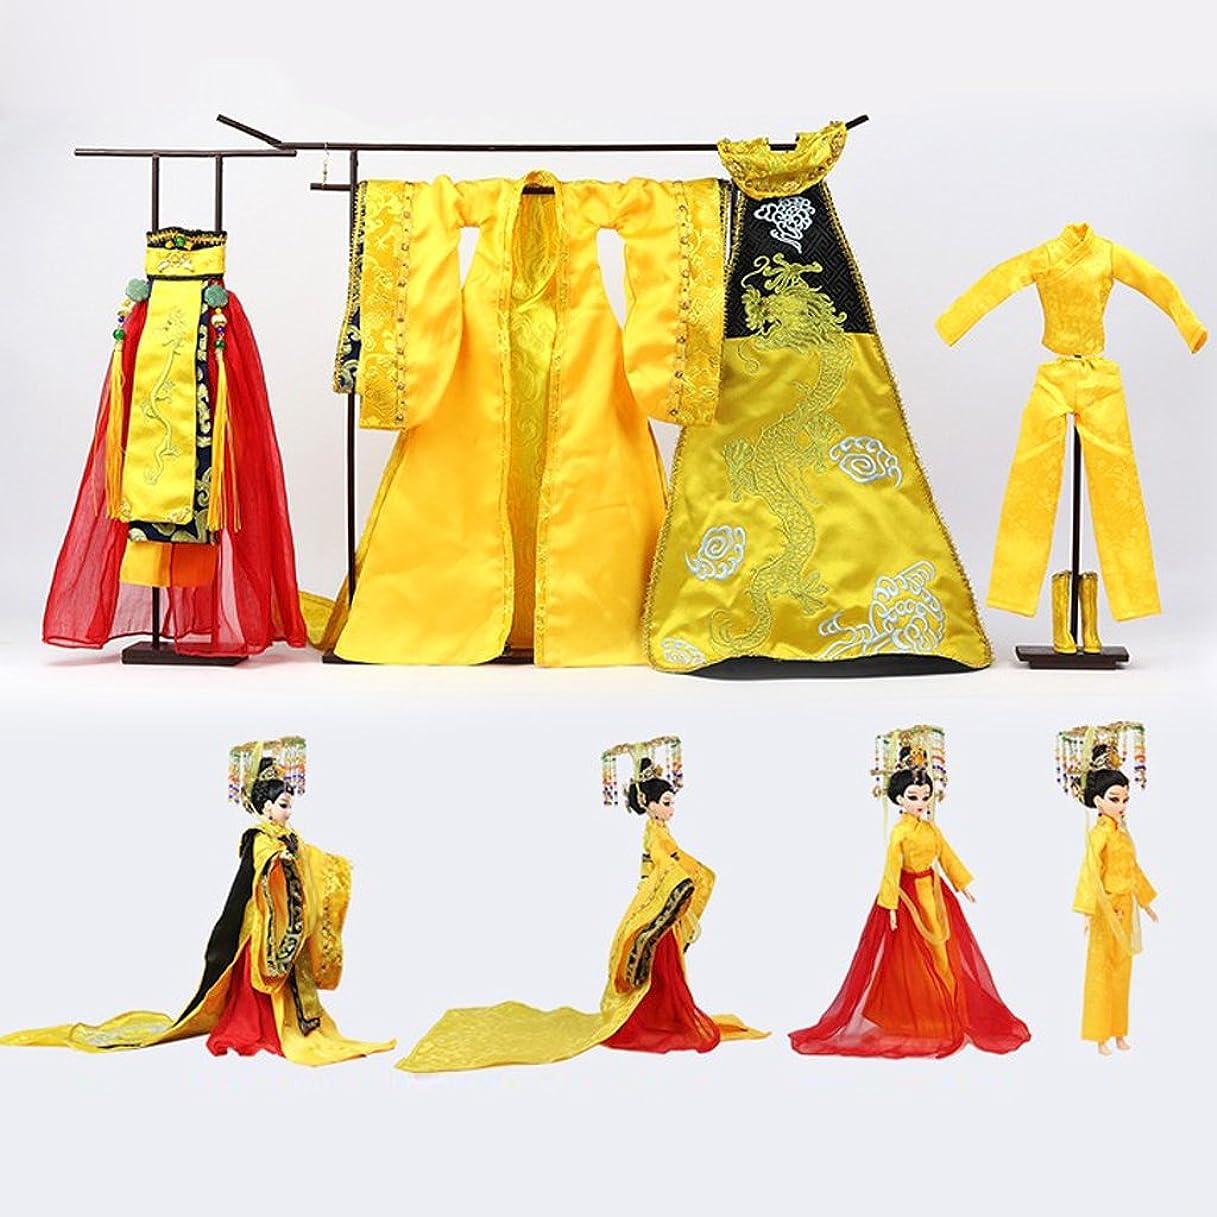 ご近所エンターテインメント服を片付けるB Blesiya 中国古代 唐時代 1/6 Bjd エンプレス ウー ゼティアン キャラクターフィギュアドール 3色選ぶ - #2